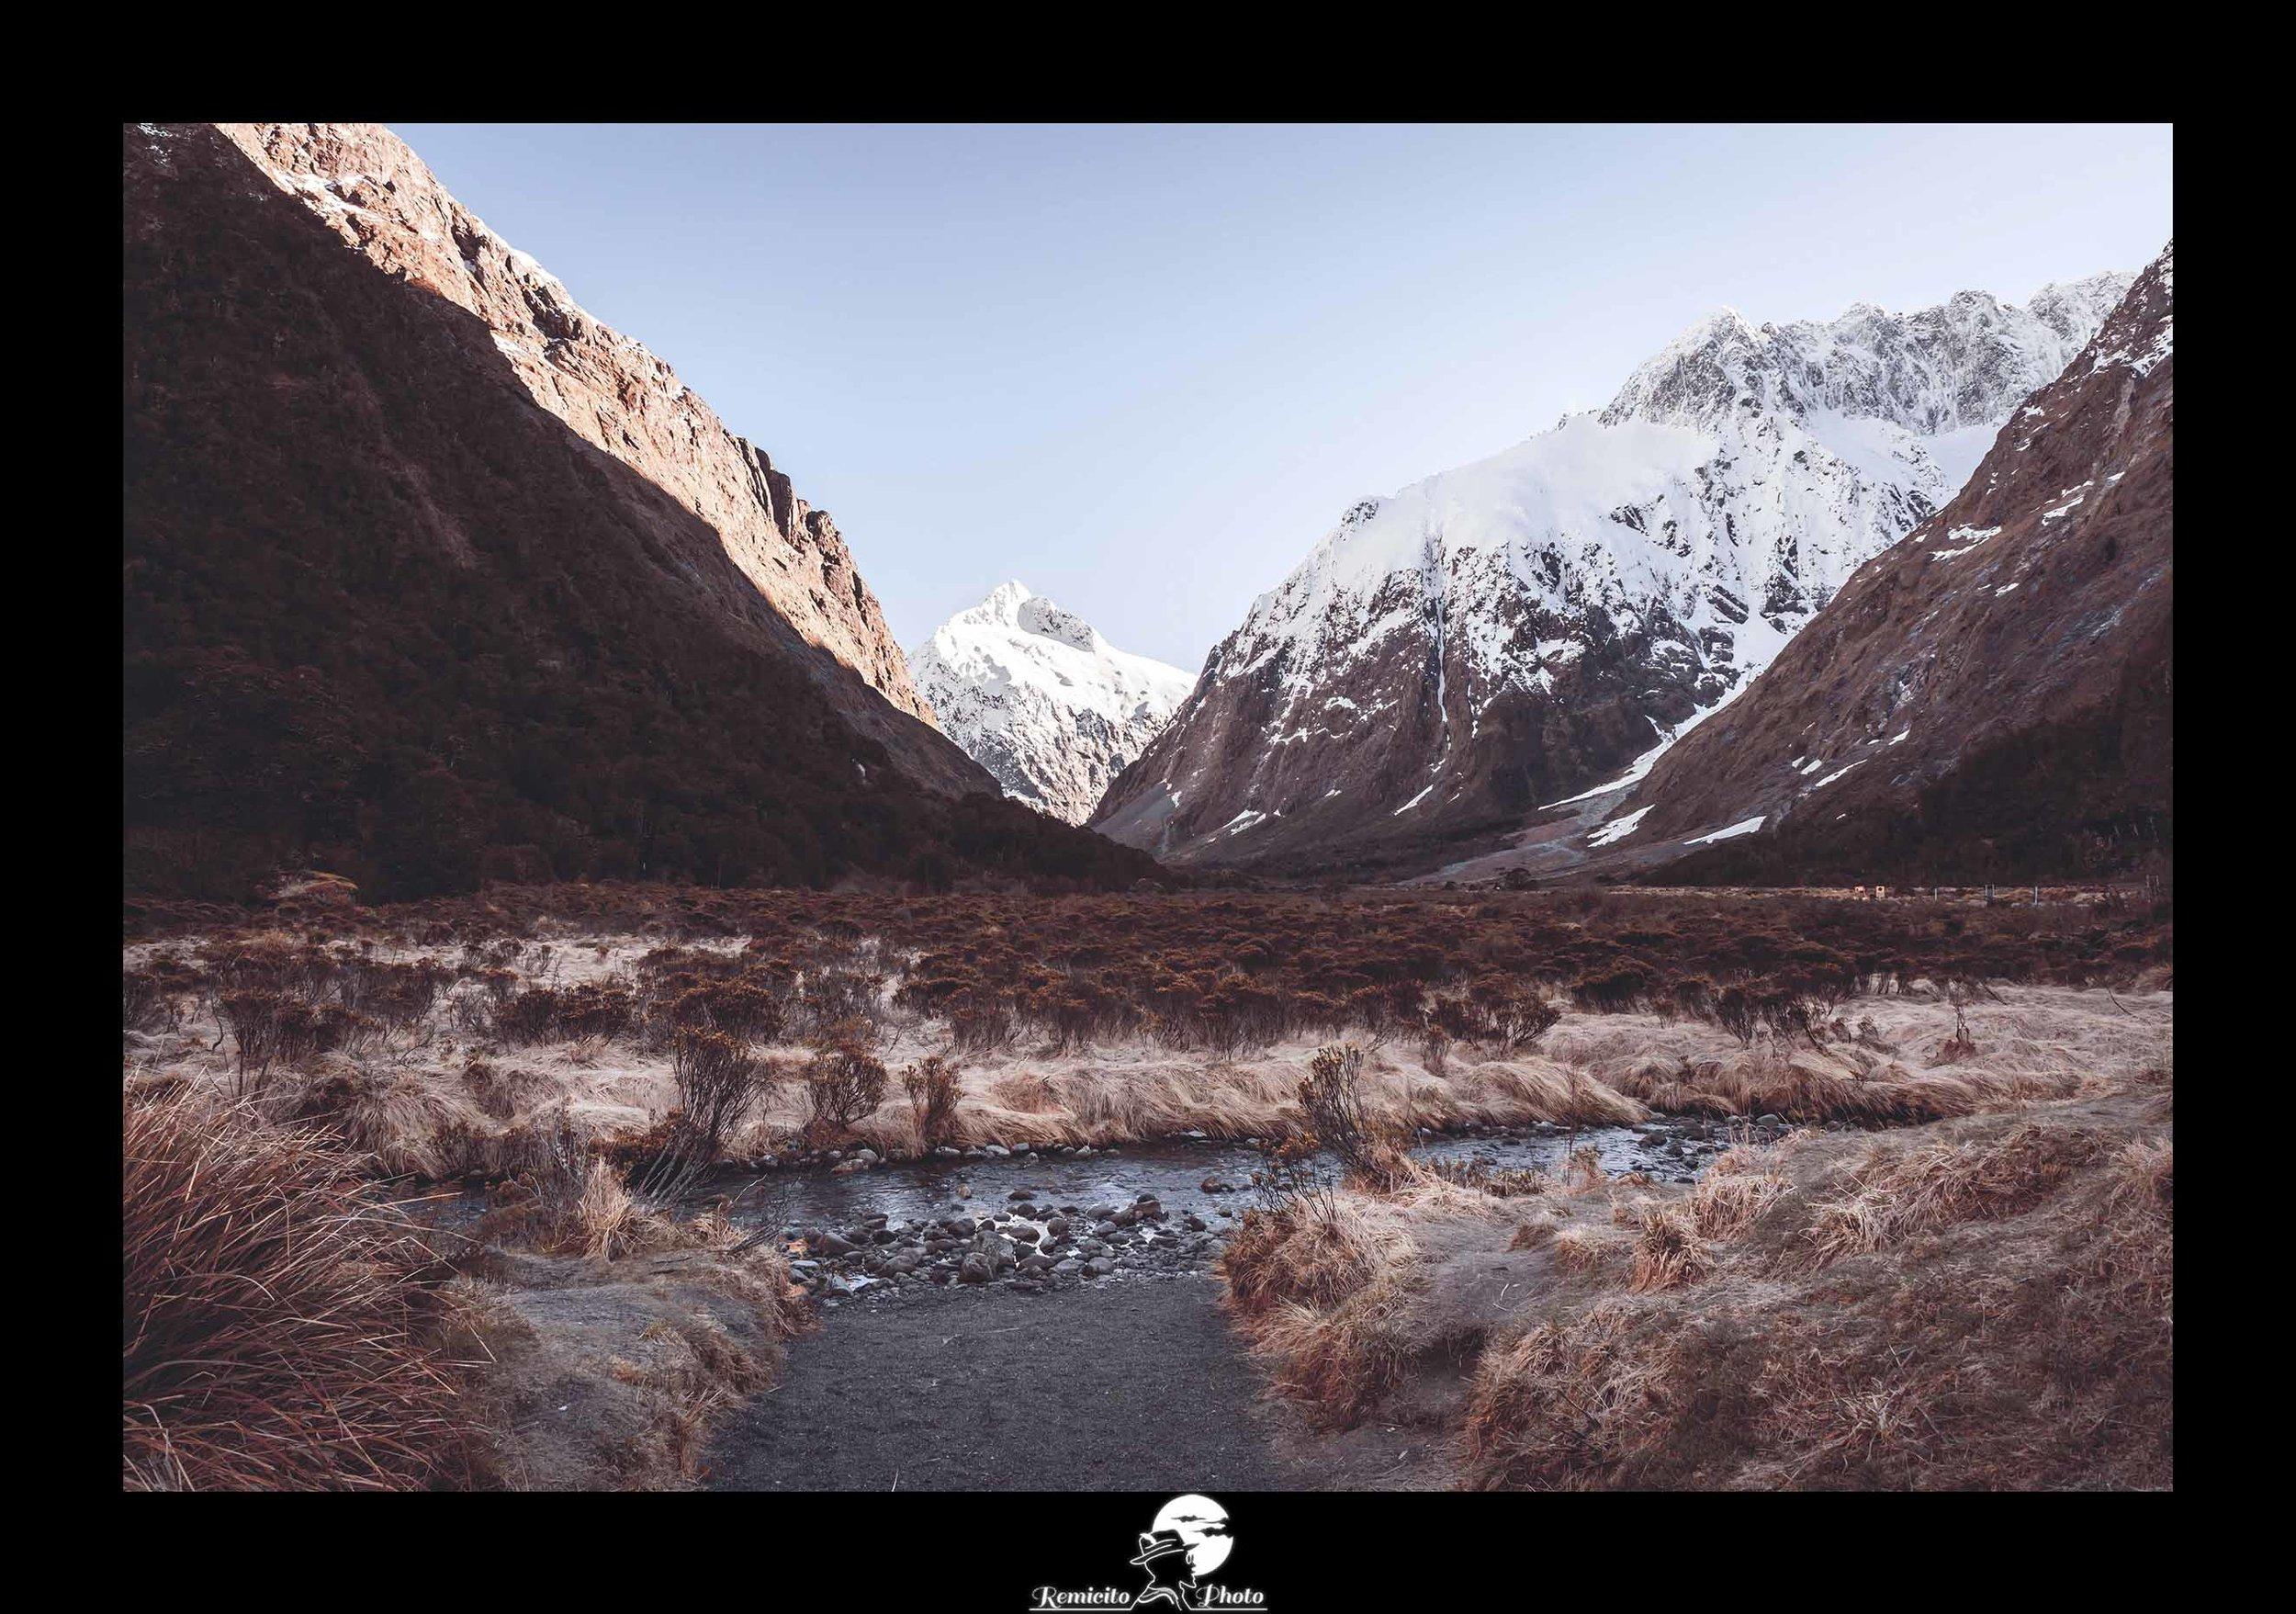 Remicito photo, remicito rémi lacombe photographe paris, belle photo idée cadeau, belle photo nouvelle zélande paysage, montagne rivière paysage nouvelle zélande